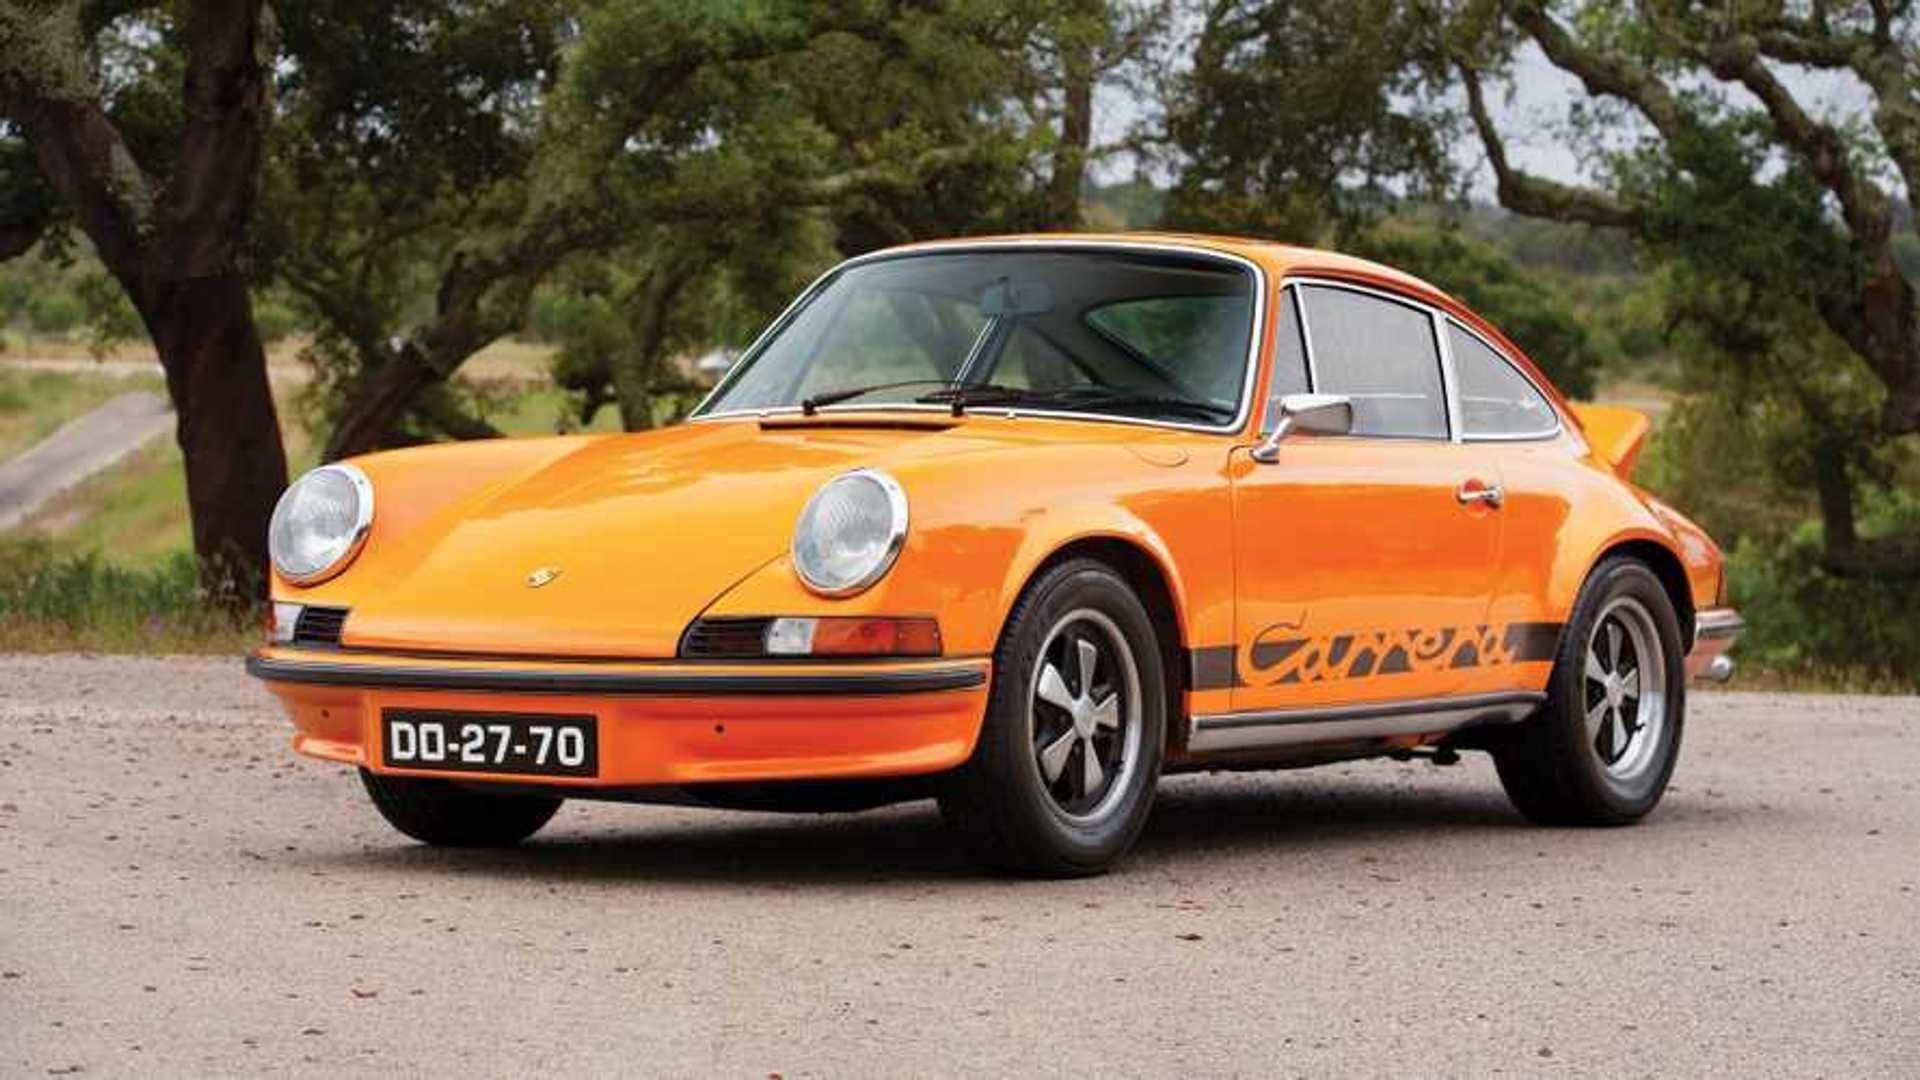 Une Porsche 911 Carrera RS estimée à un demi-million d'euros